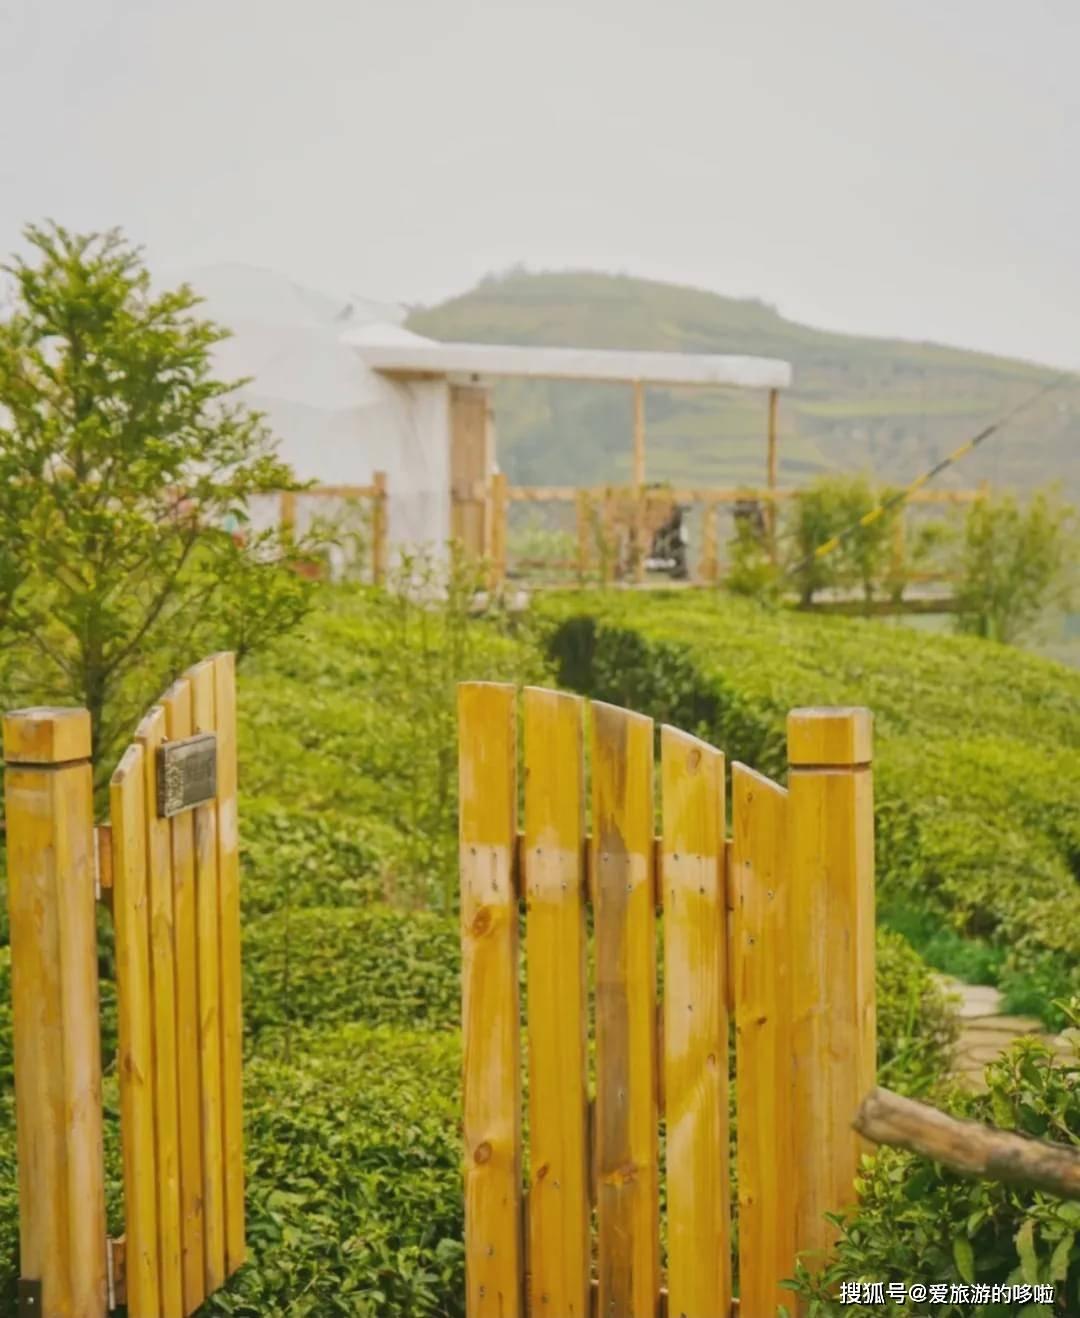 """杭州旁边深藏不露的美食小城,凭借小笼包斩获""""全球第一好吃"""""""